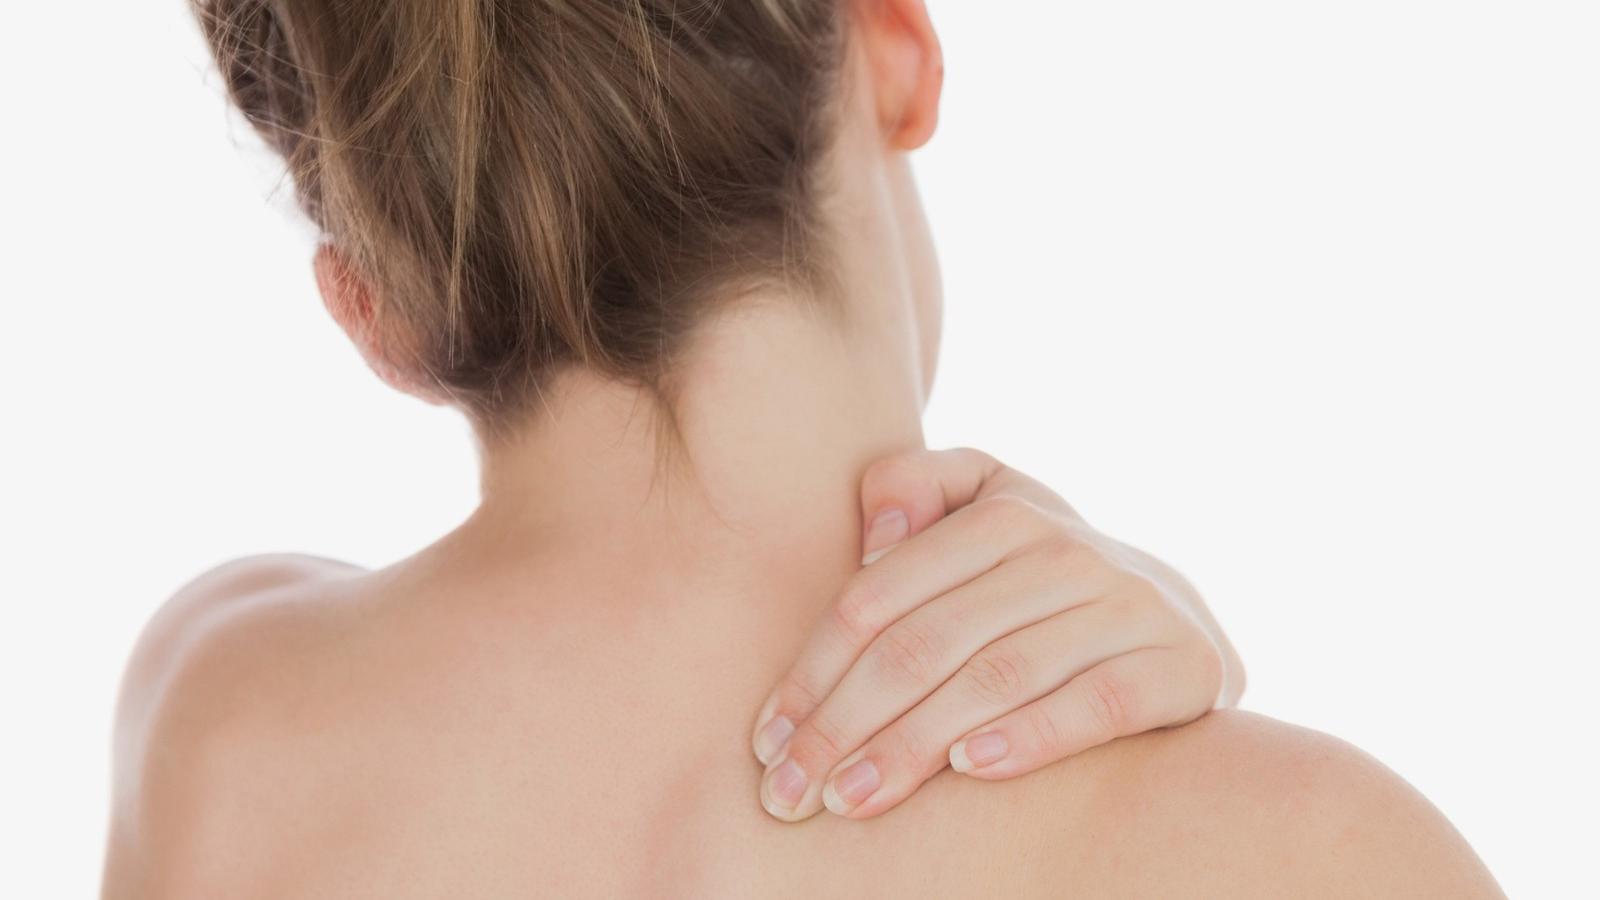 ízületek fájnak rossz időjárás esetén zalmanov fürdők az ízületi fájdalmak kezelésére